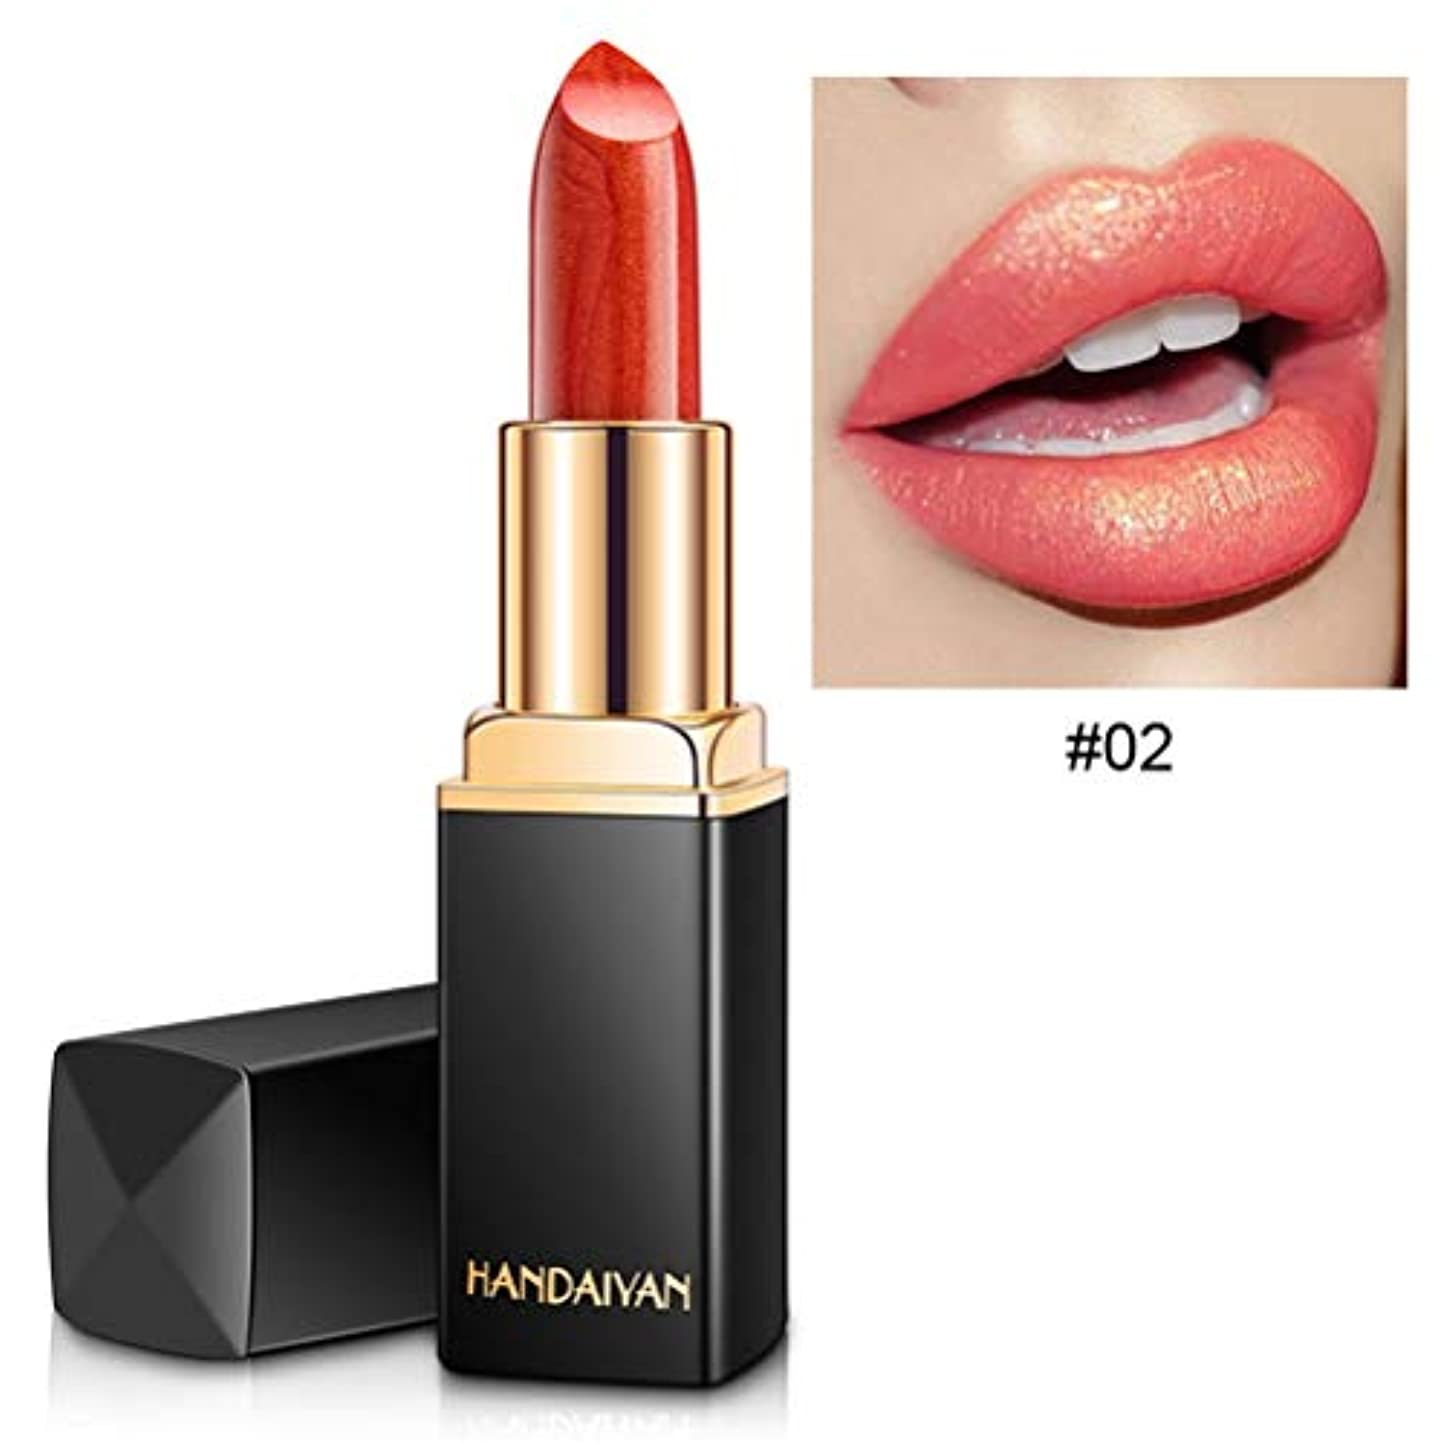 過度の初心者もっとSupbel 口紅 リップスティック ルージュ リップグロス 優れる発色 キラキラ 光沢 自然なツヤ 長持ち 防水 落ちにくい携帯便利 自然立体 クチュール 化粧品 人気 おしゃれ ギフト 贈り物 唇用